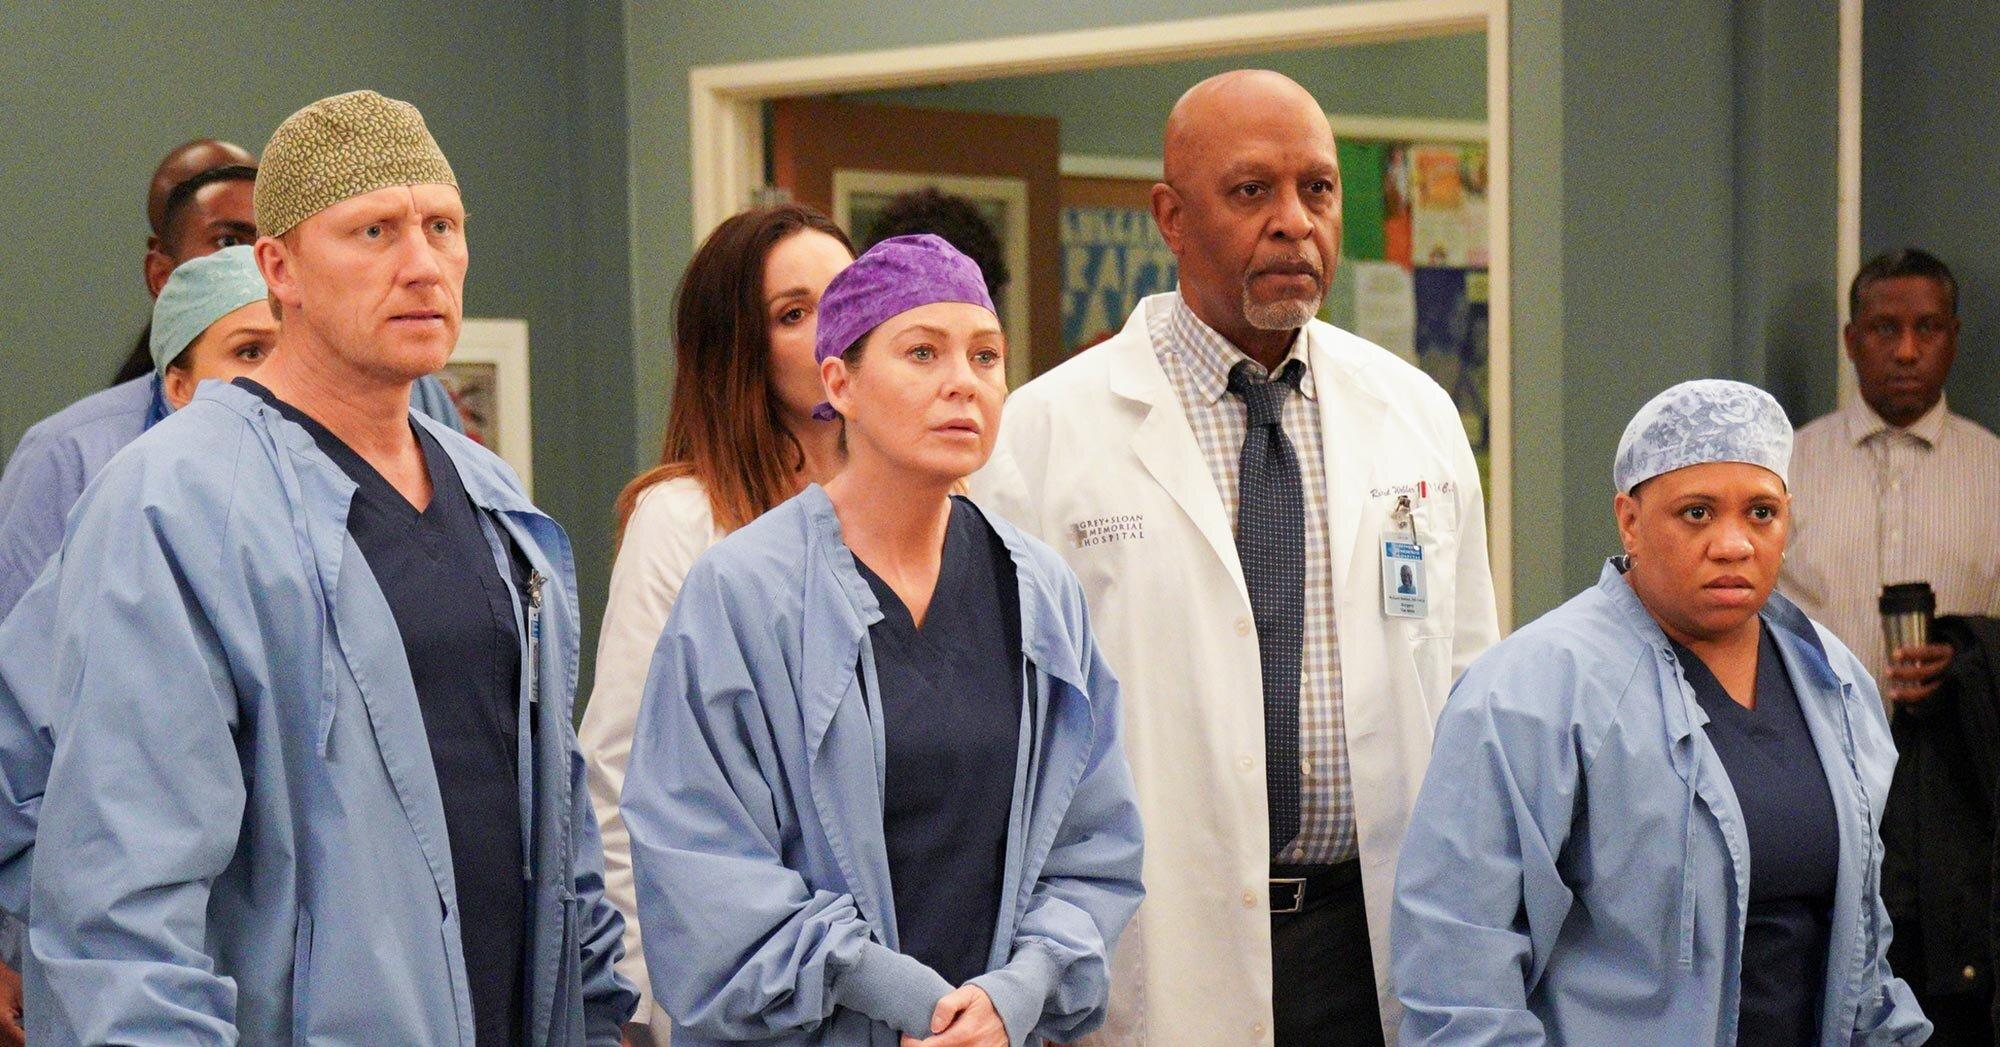 ¿Es Grey's Anatomy una historia real? ¿El programa de televisión está basado en la vida real? 1